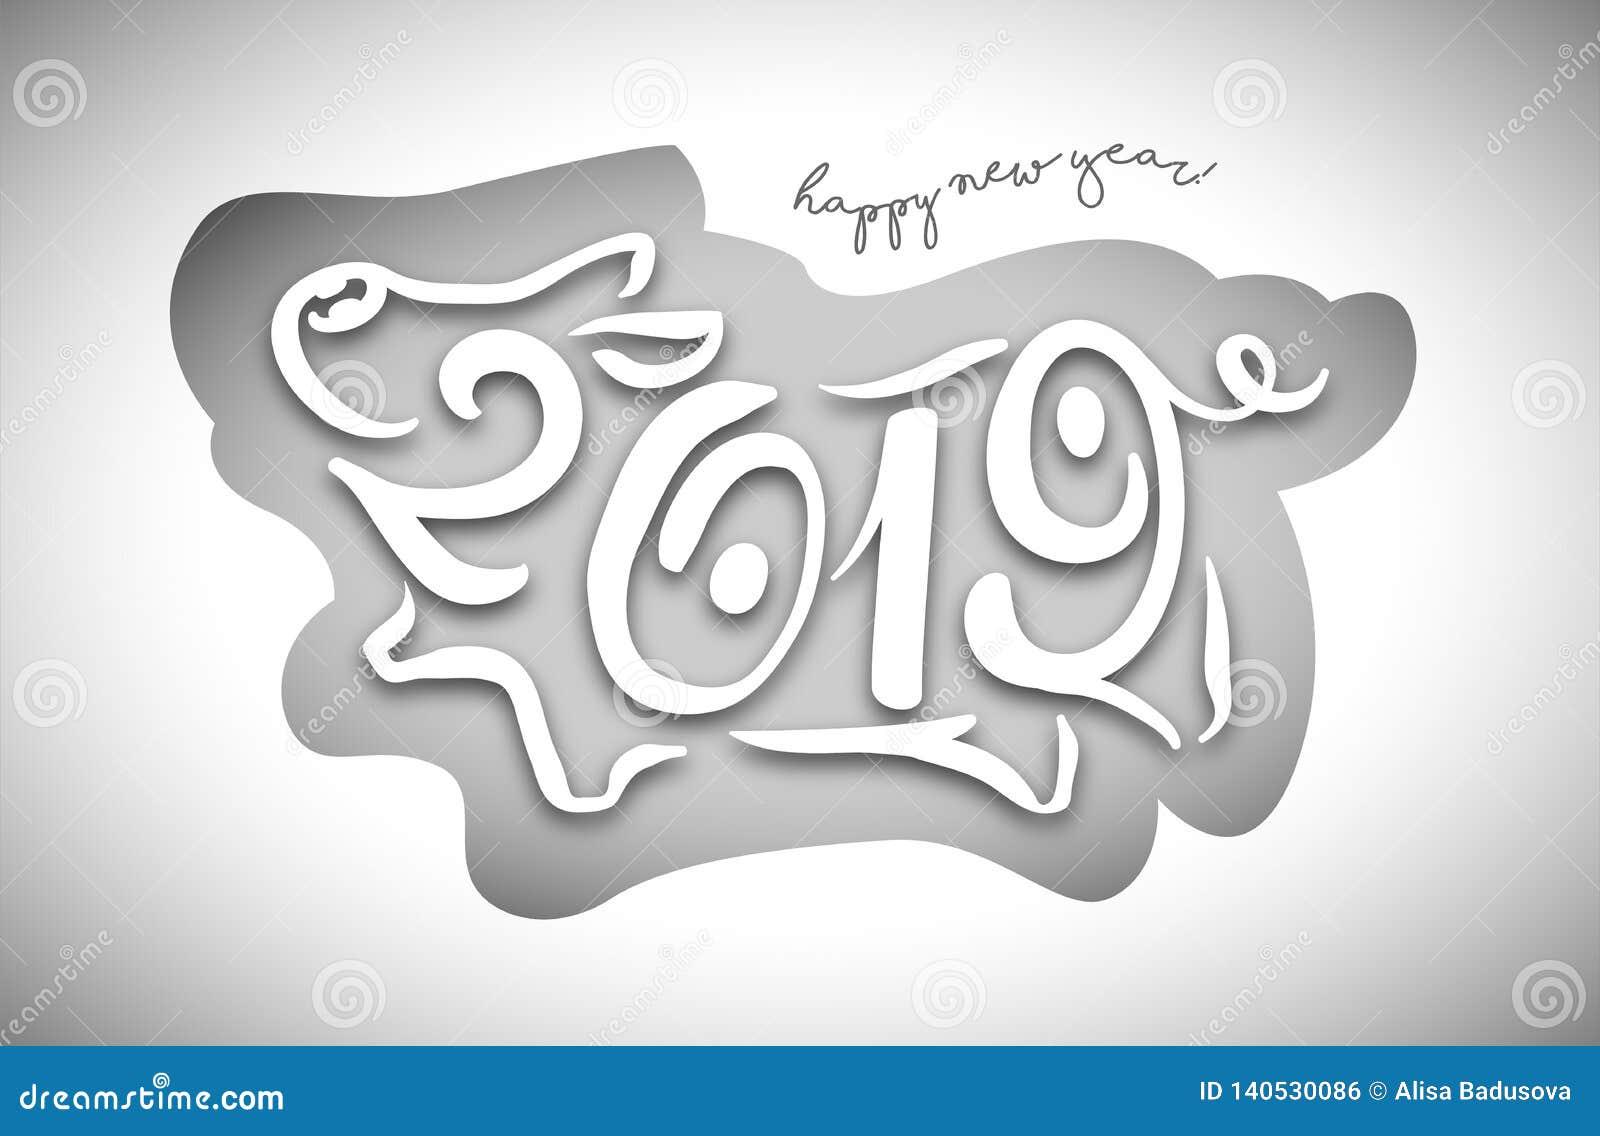 Cerdo divertido lindo Feliz Año Nuevo Símbolo chino de los 2019 años Carte cadeaux festivo excelente Ilustración del vector